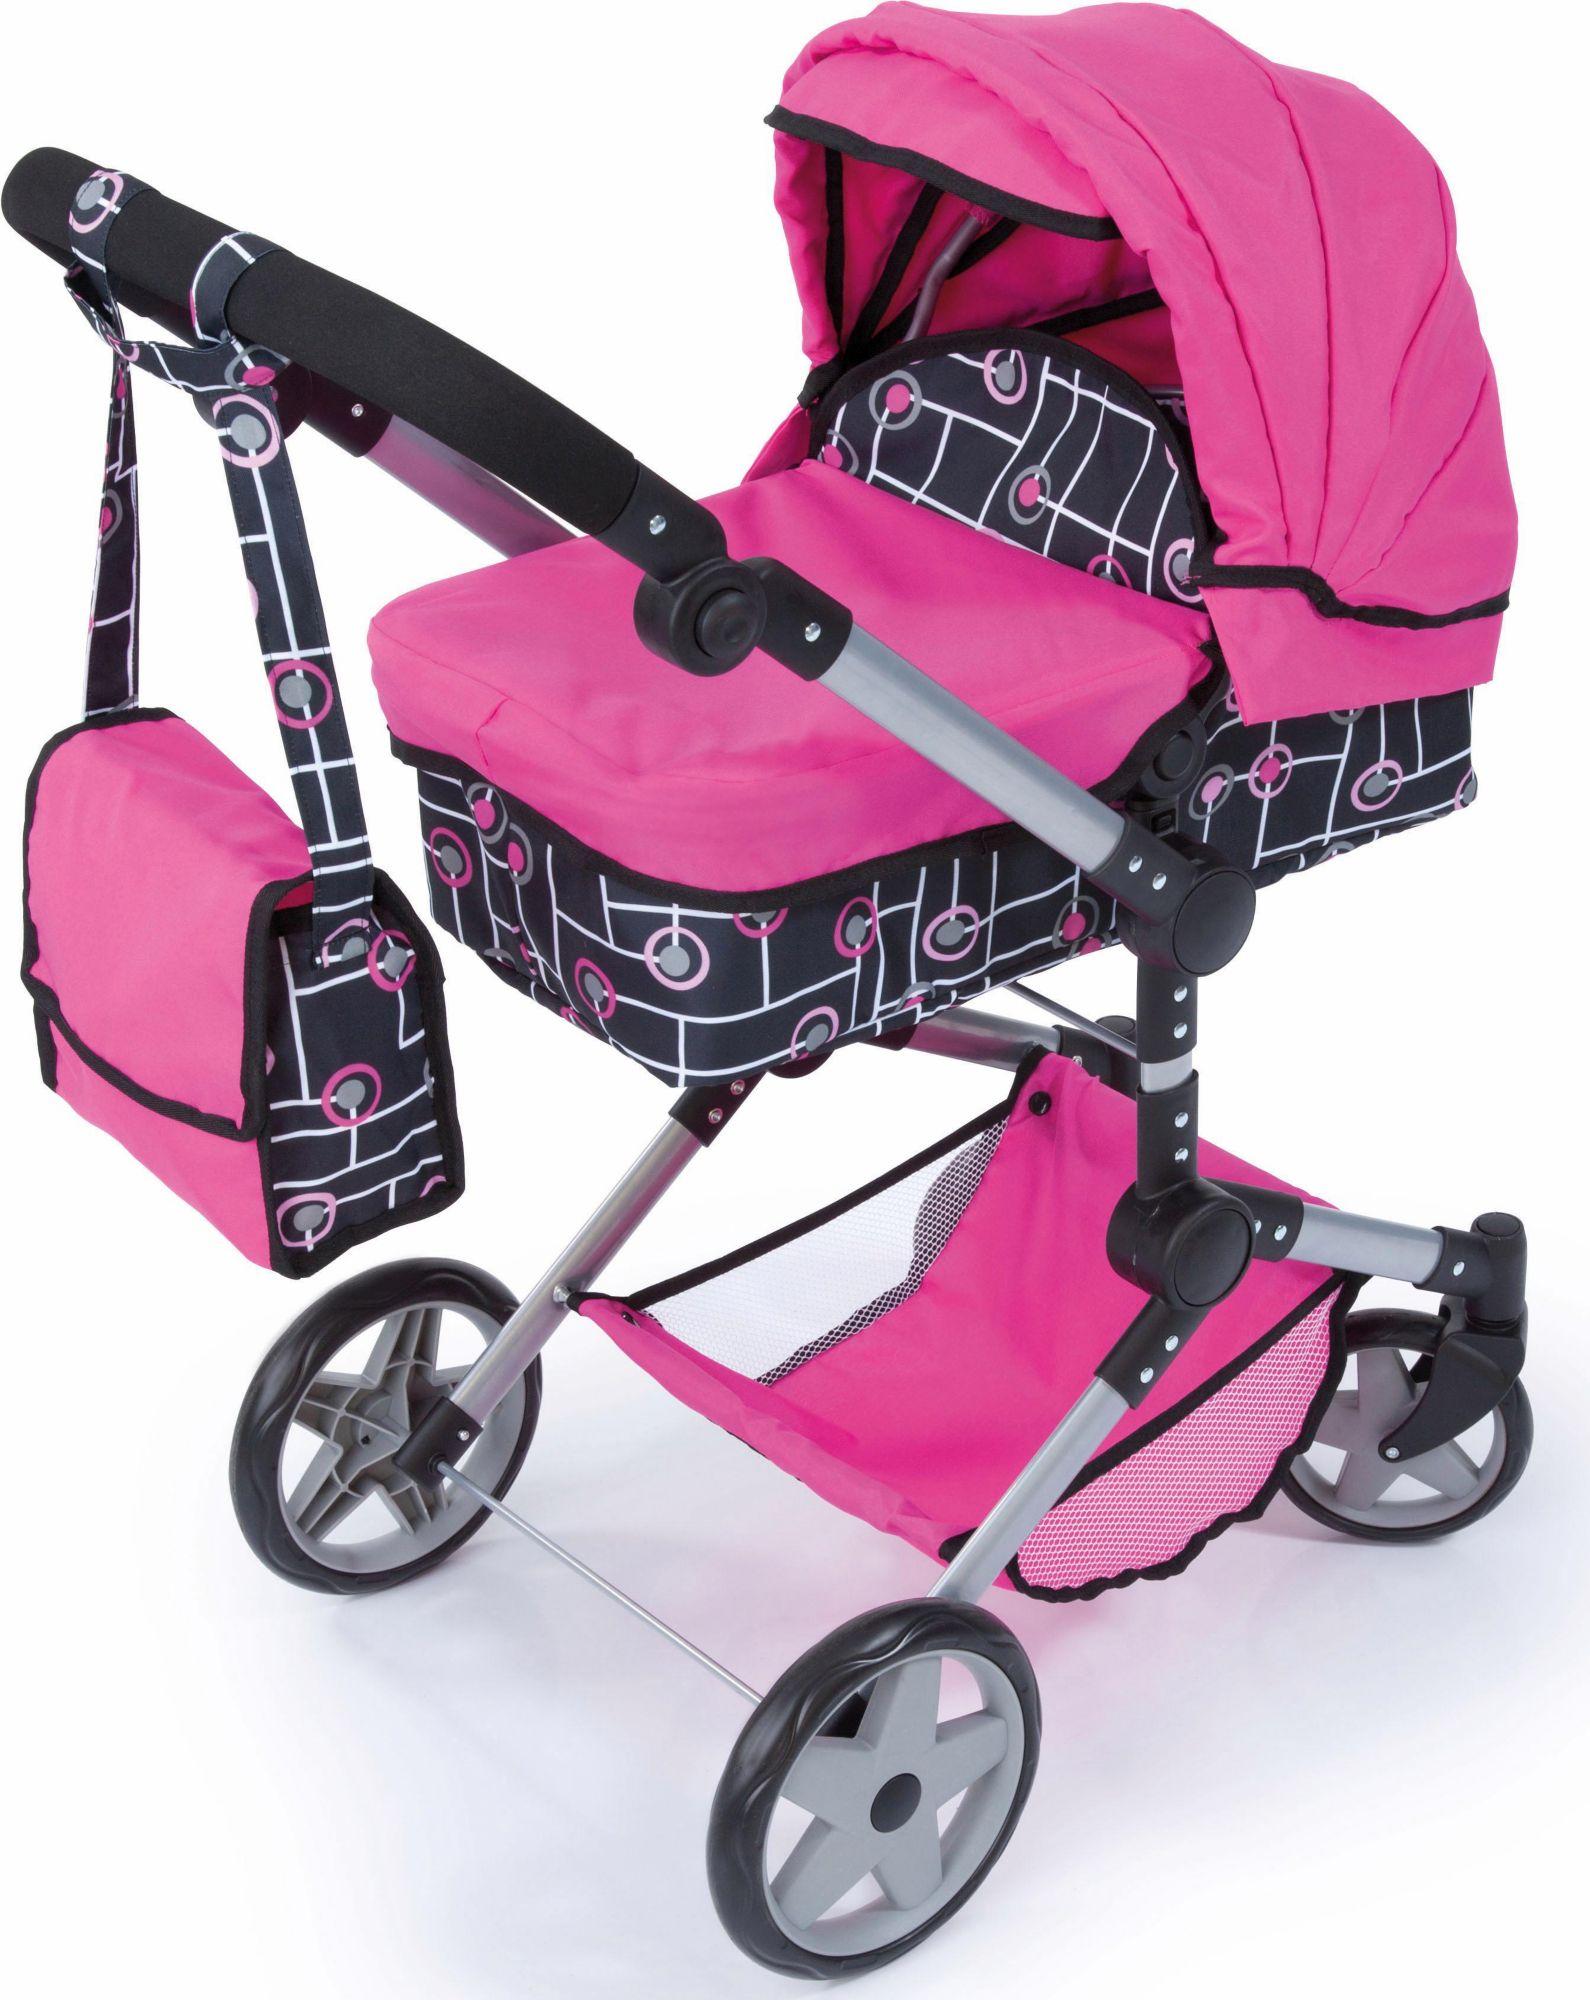 BAYER Bayer Design Puppenwagen, »Neo Pro, pink/schwarz«